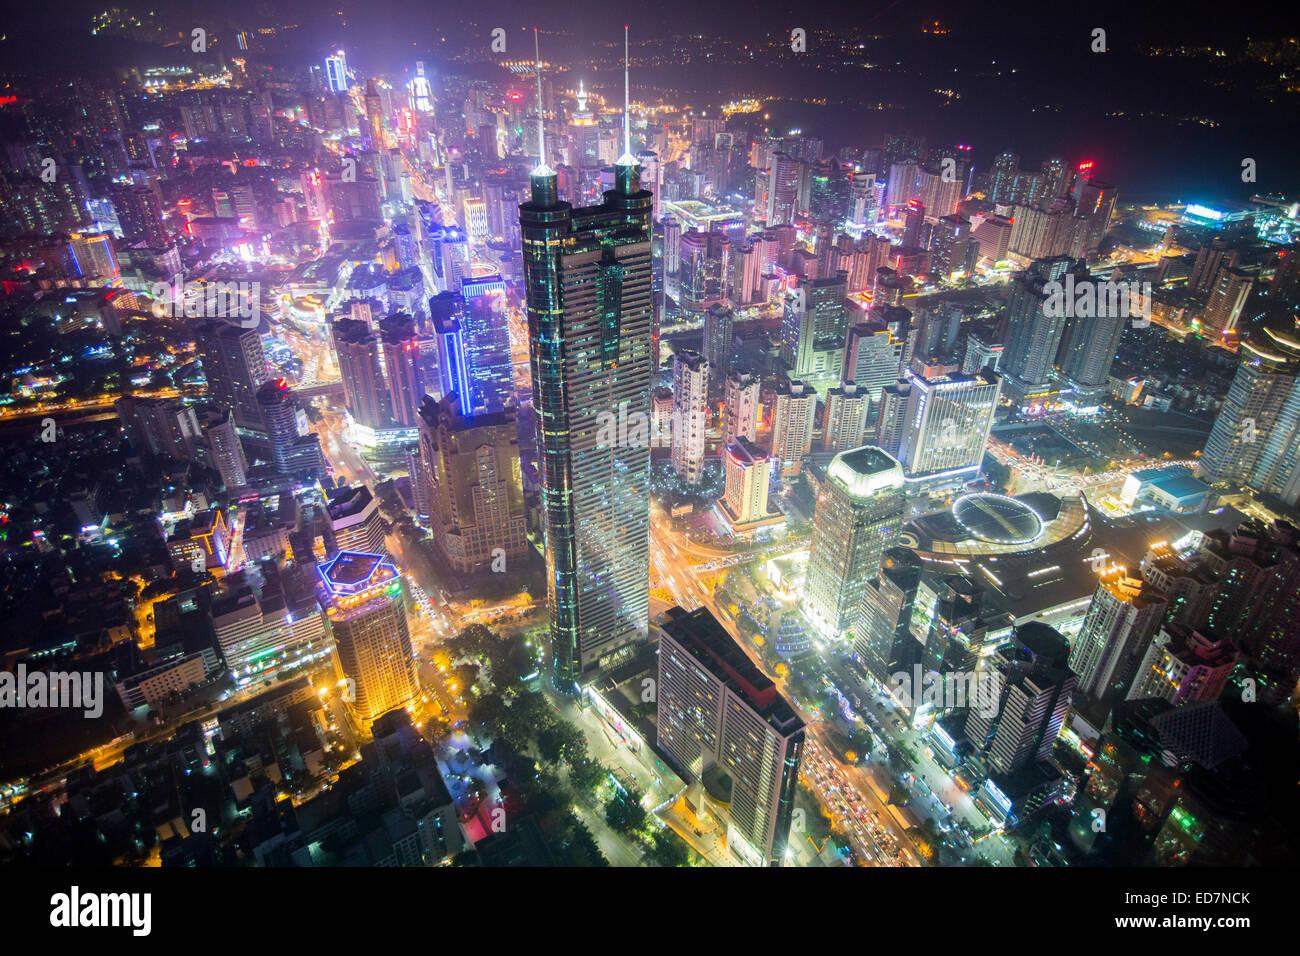 Shun Hing Square (également connu sous le nom de Diwang Dasha) est le deuxième plus haut gratte-ciel dans Photo Stock